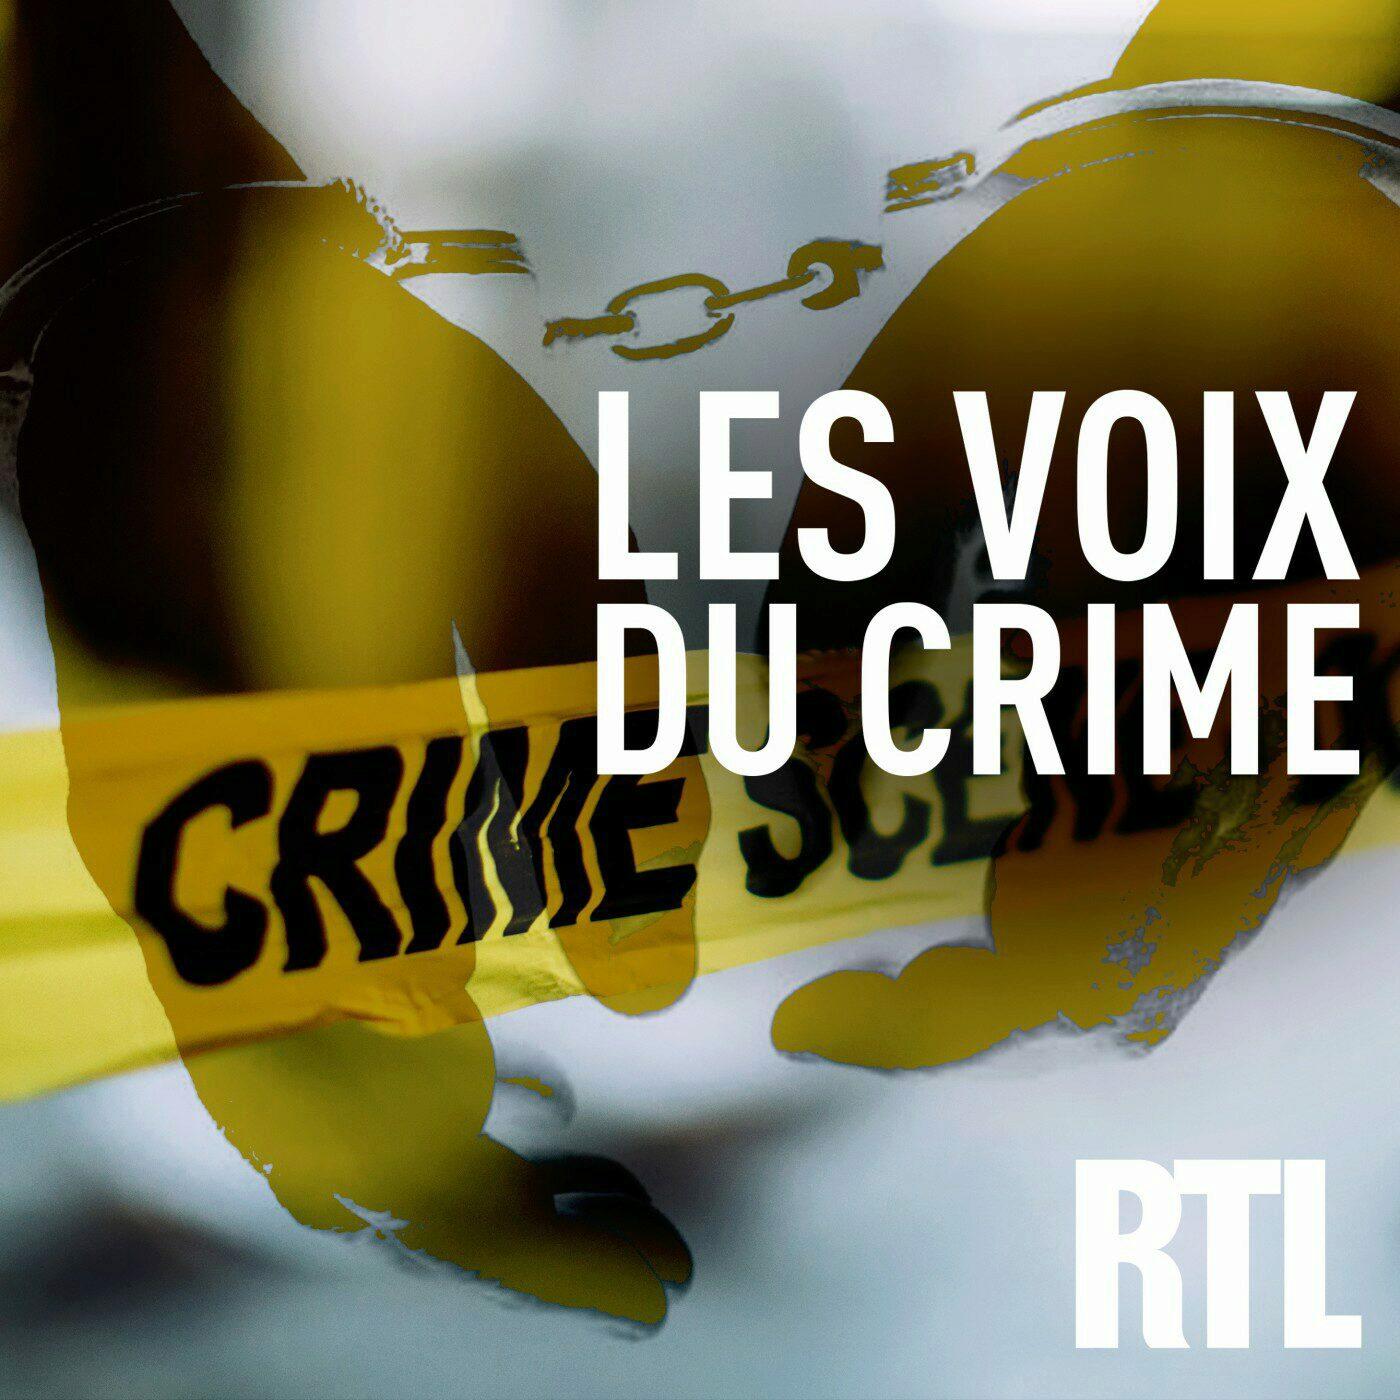 """DÉCOUVERTE - Voix du crime - Affaire Jourdain : l'abominable crime des """"frères siamois de l'horreur"""""""